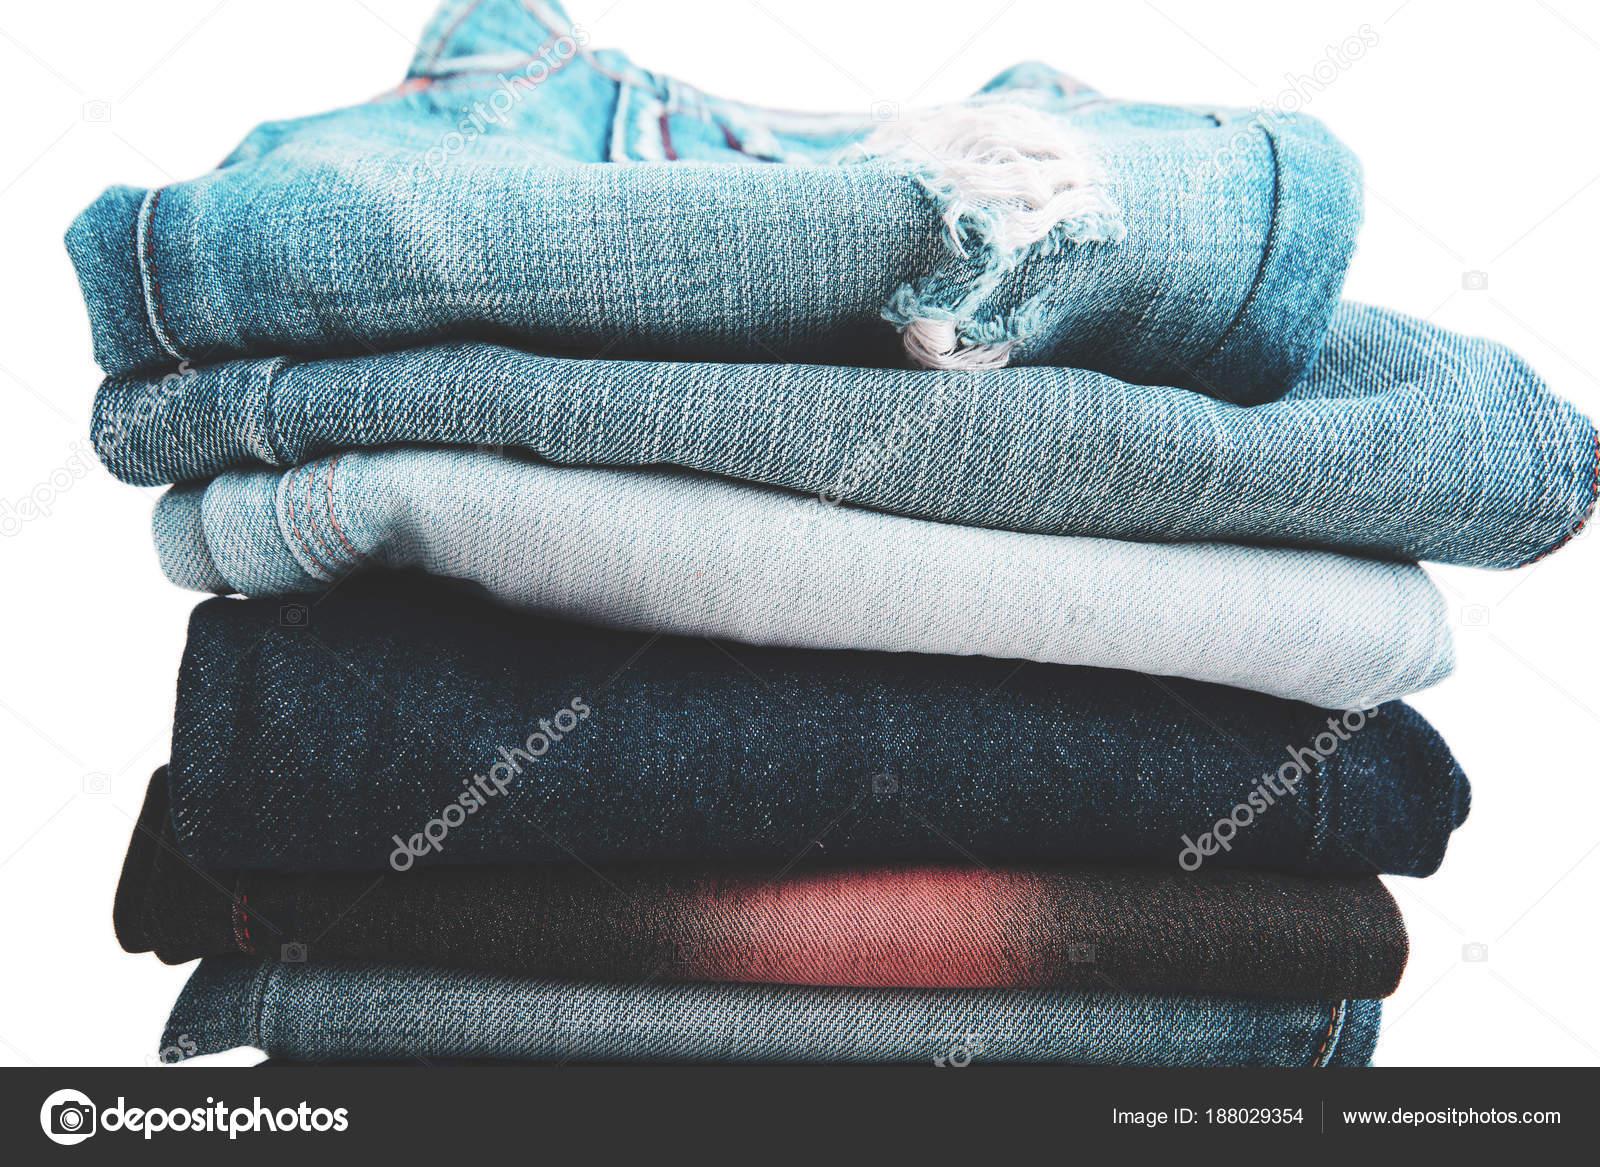 4c276531 Стек сложенной одежды, синие джинсы штаны, темно синий джинсовые брюки на  белом фоне —